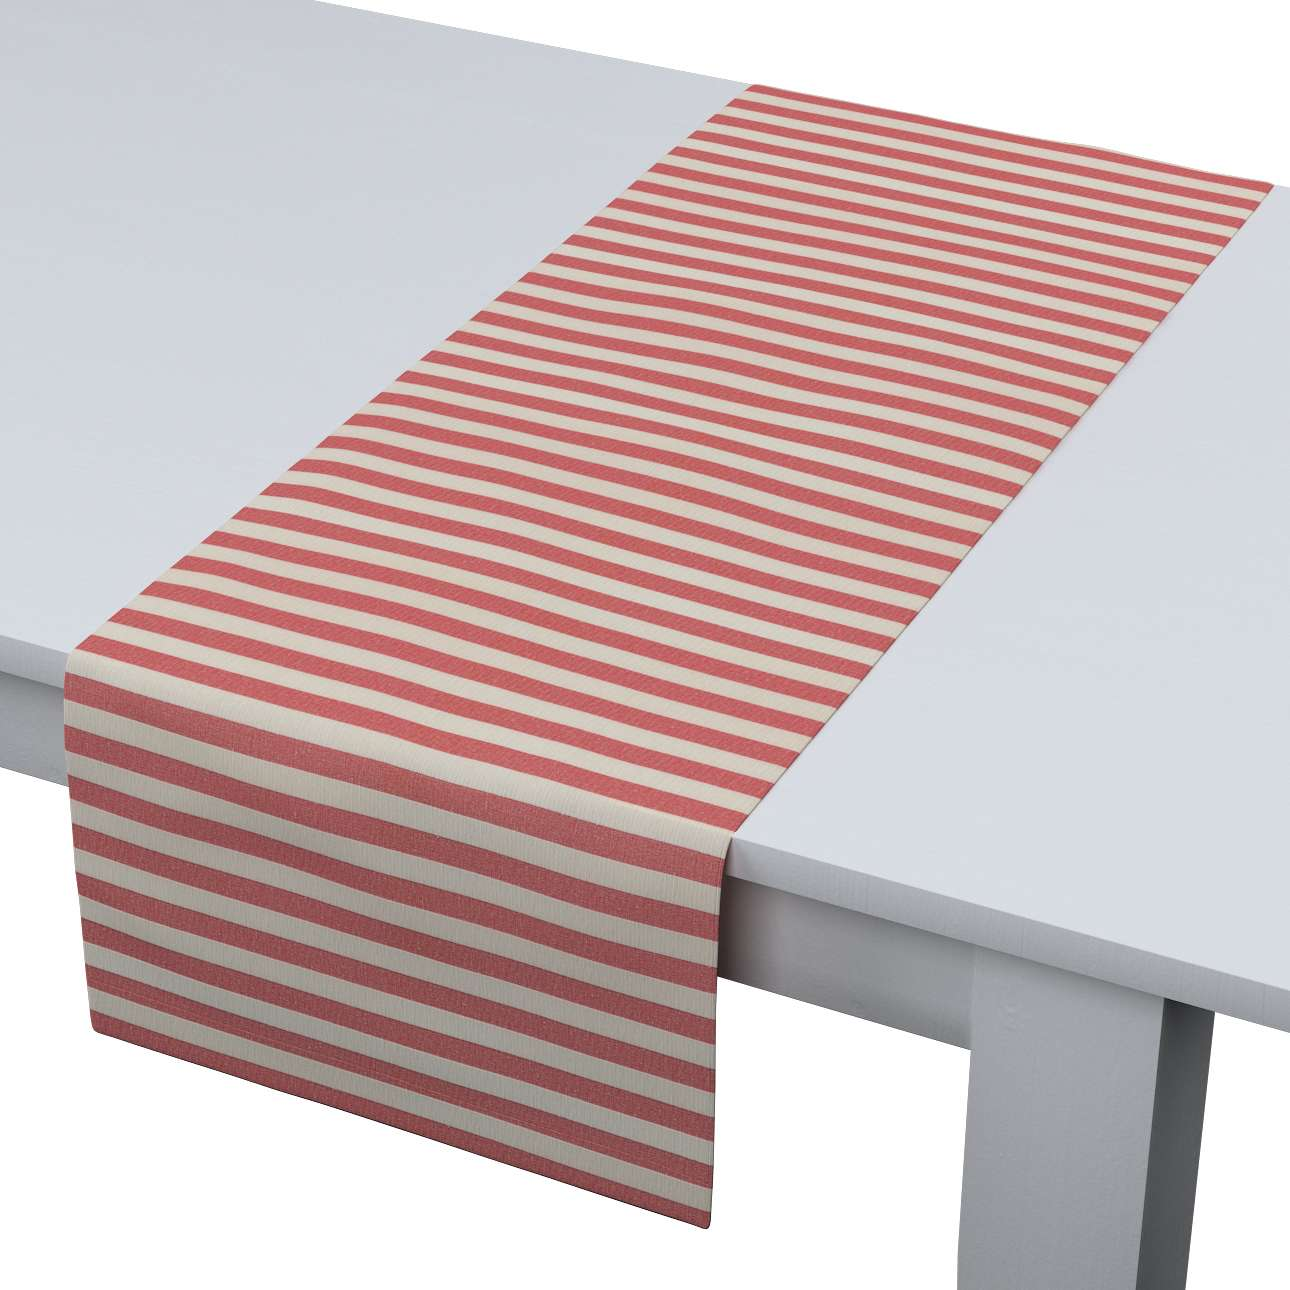 Rechteckiger Tischläufer 40 x 130 cm von der Kollektion Quadro, Stoff: 136-17